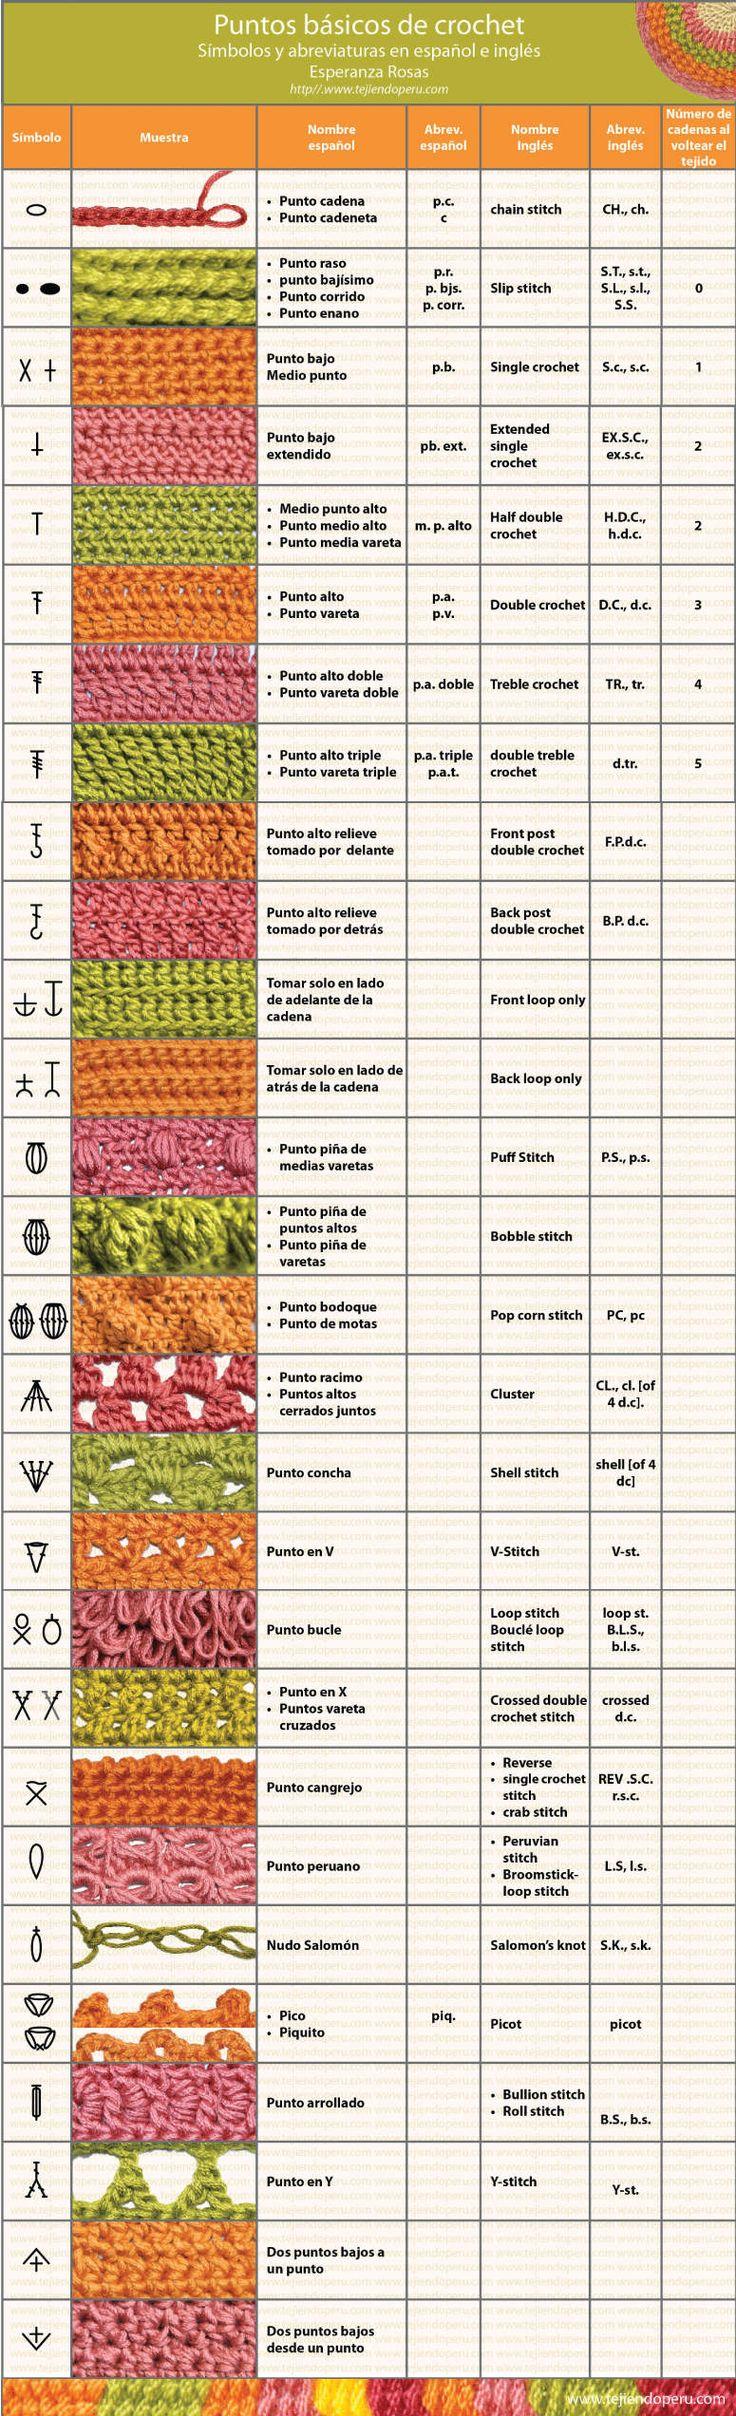 Abreviaturas Puntos Crochet en Español e Inglés   http://tejer.net/abreviaturas-en-espanol-e-ingles-de-crochet/